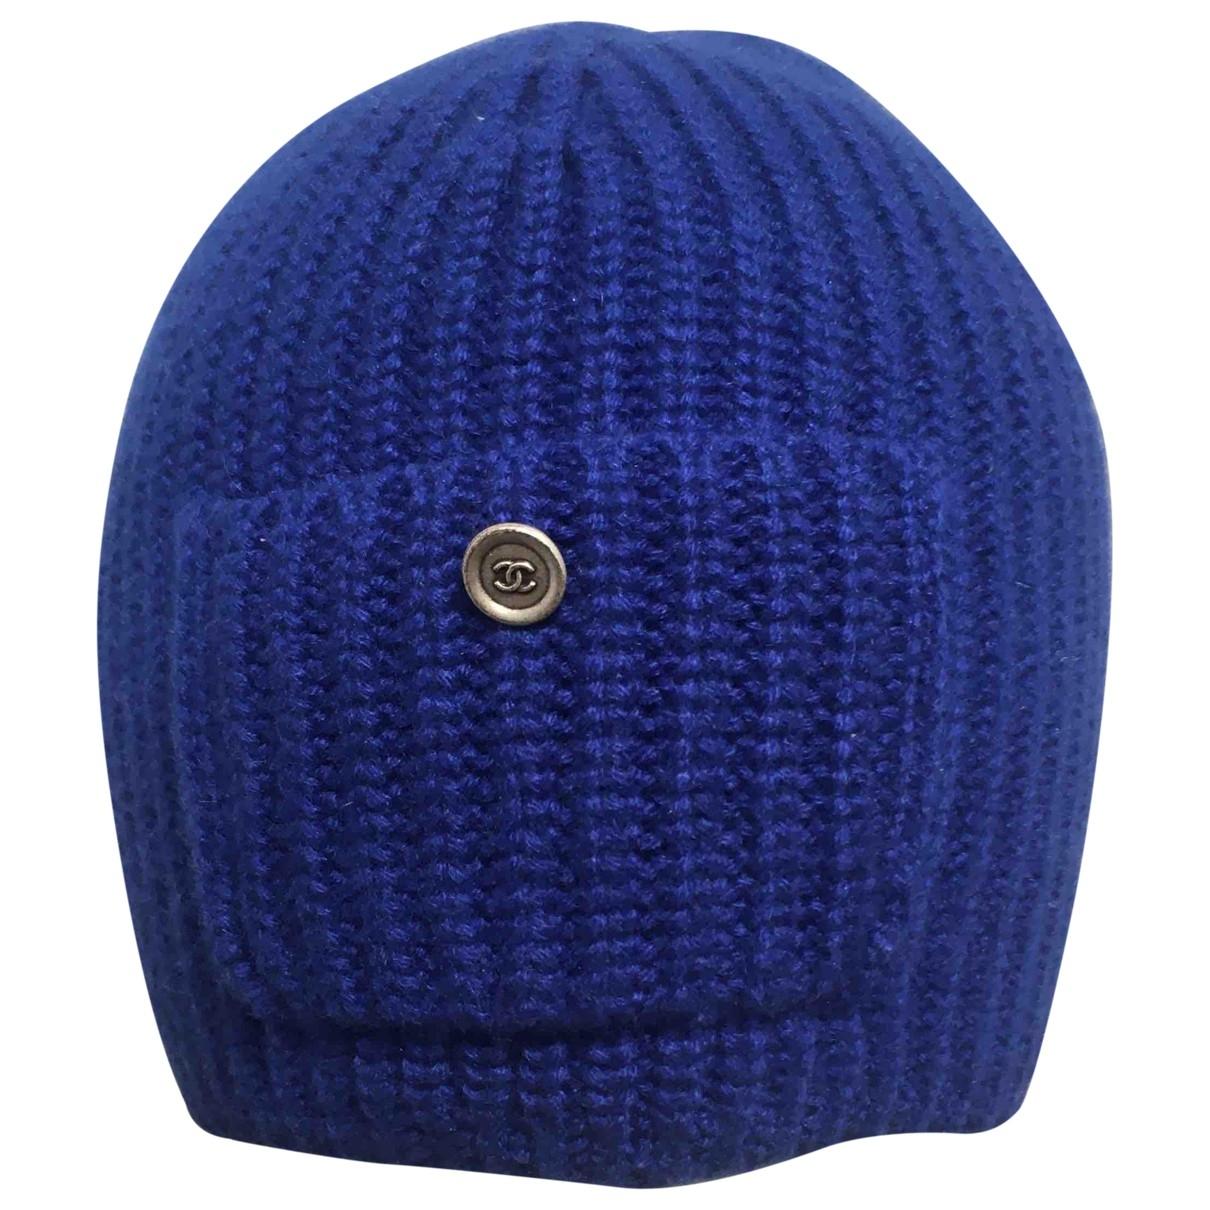 Chanel \N Hut in  Blau Wolle